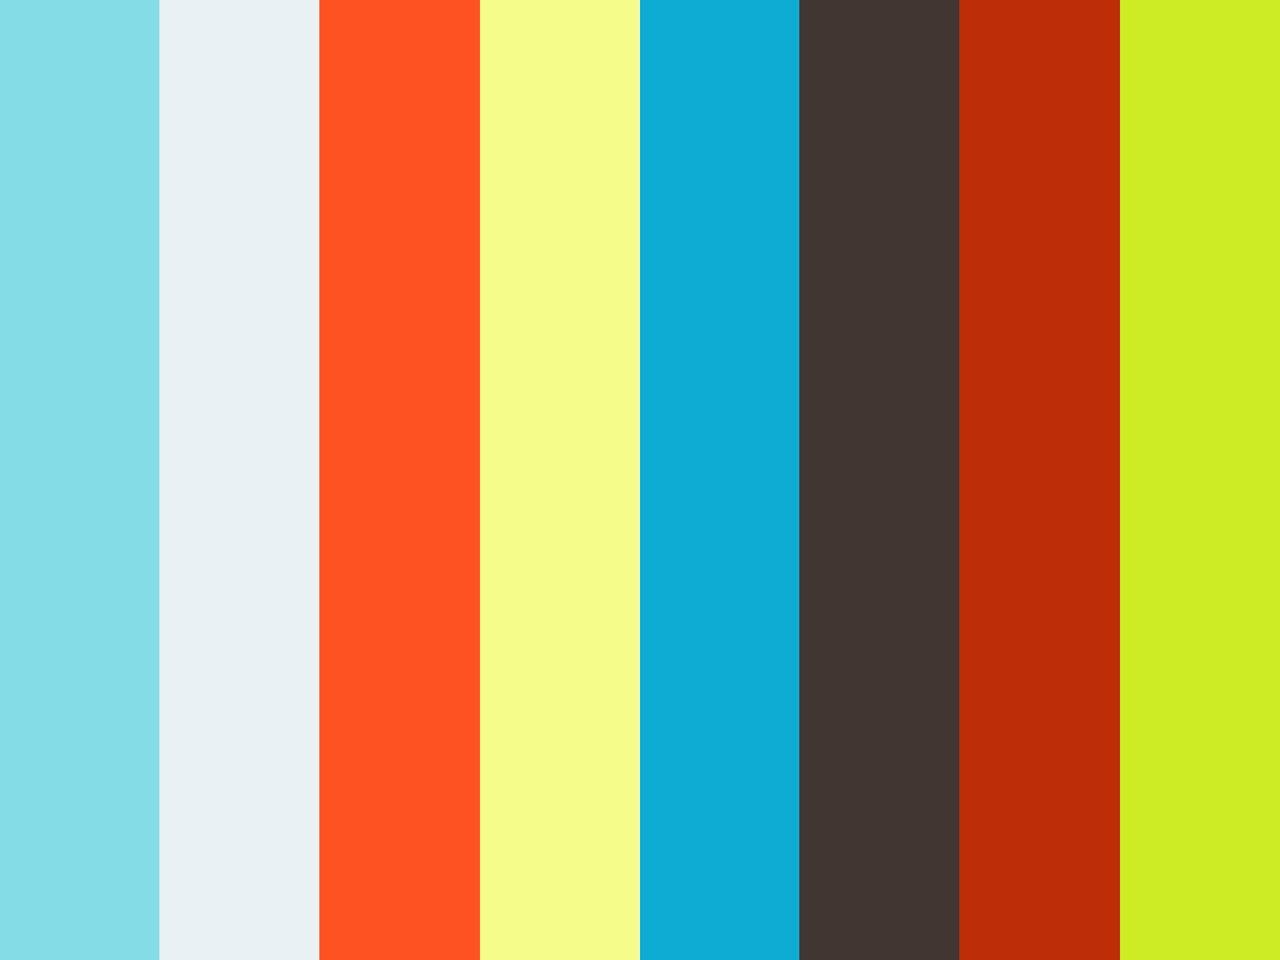 Backflip in Slowmotion Teaser a 1000fps